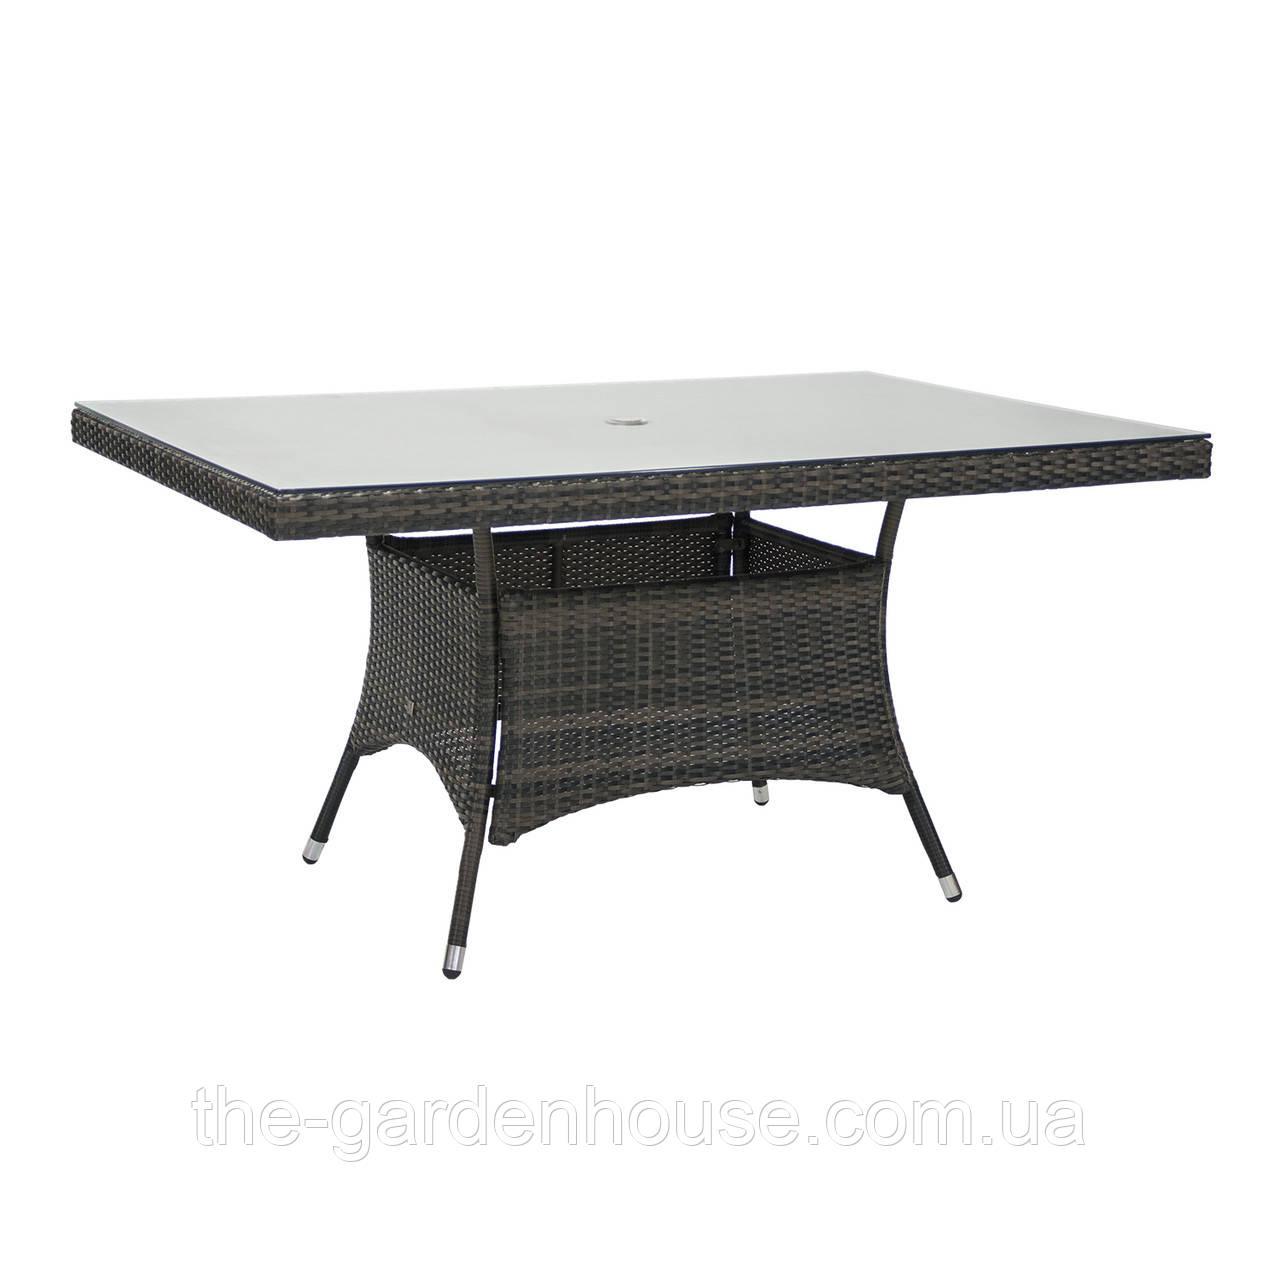 Обеденный стол Wicker из искусственного ротанга со стеклом 150x100 см темно-коричневый